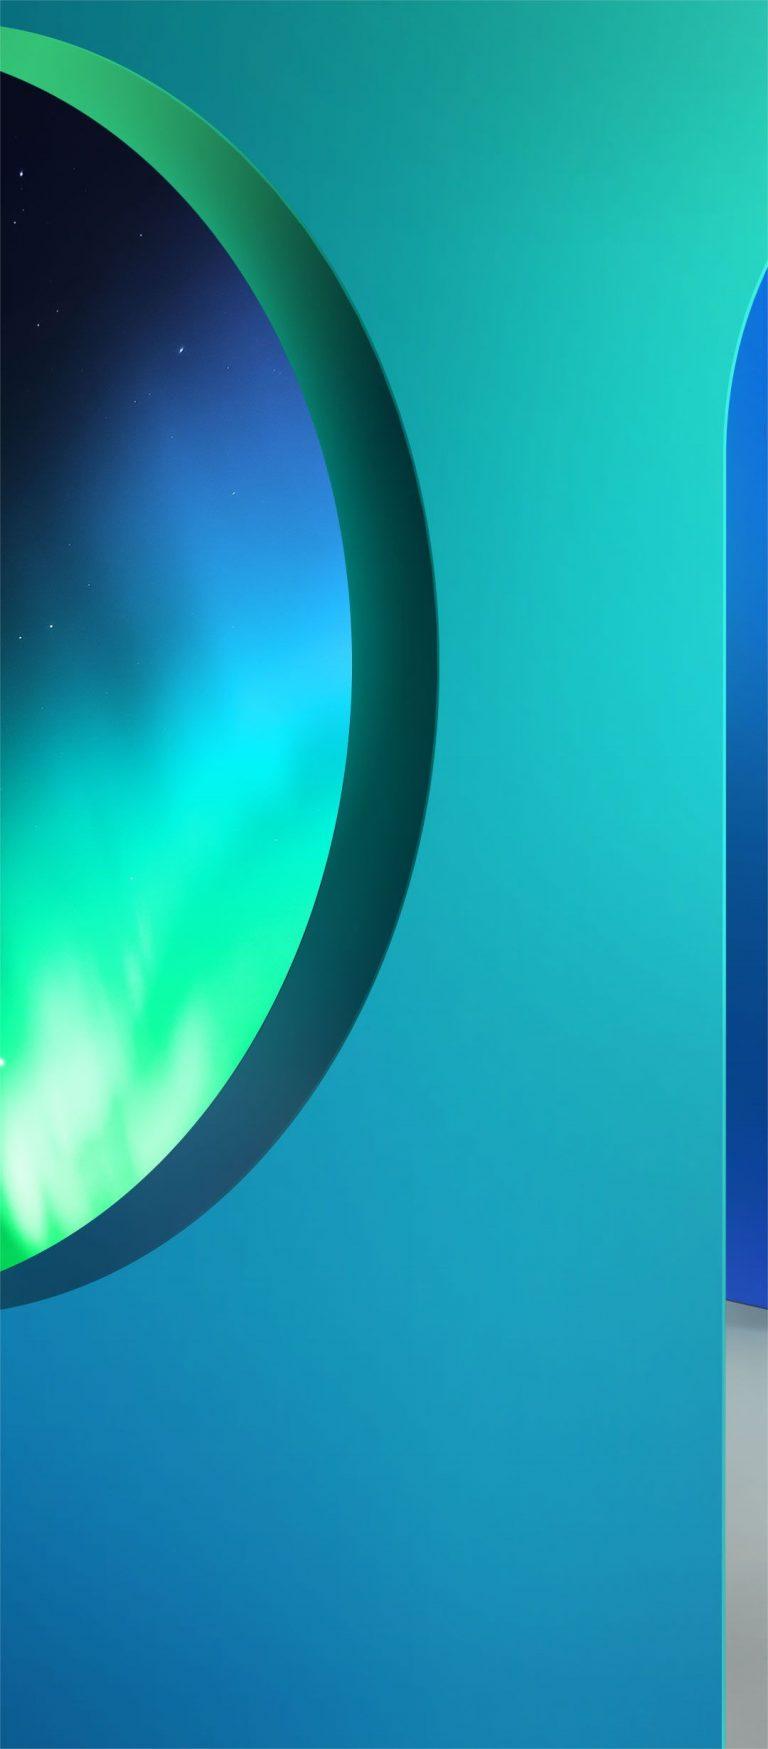 LG Velvet Stock Wallpaper [1080x2460] - 06